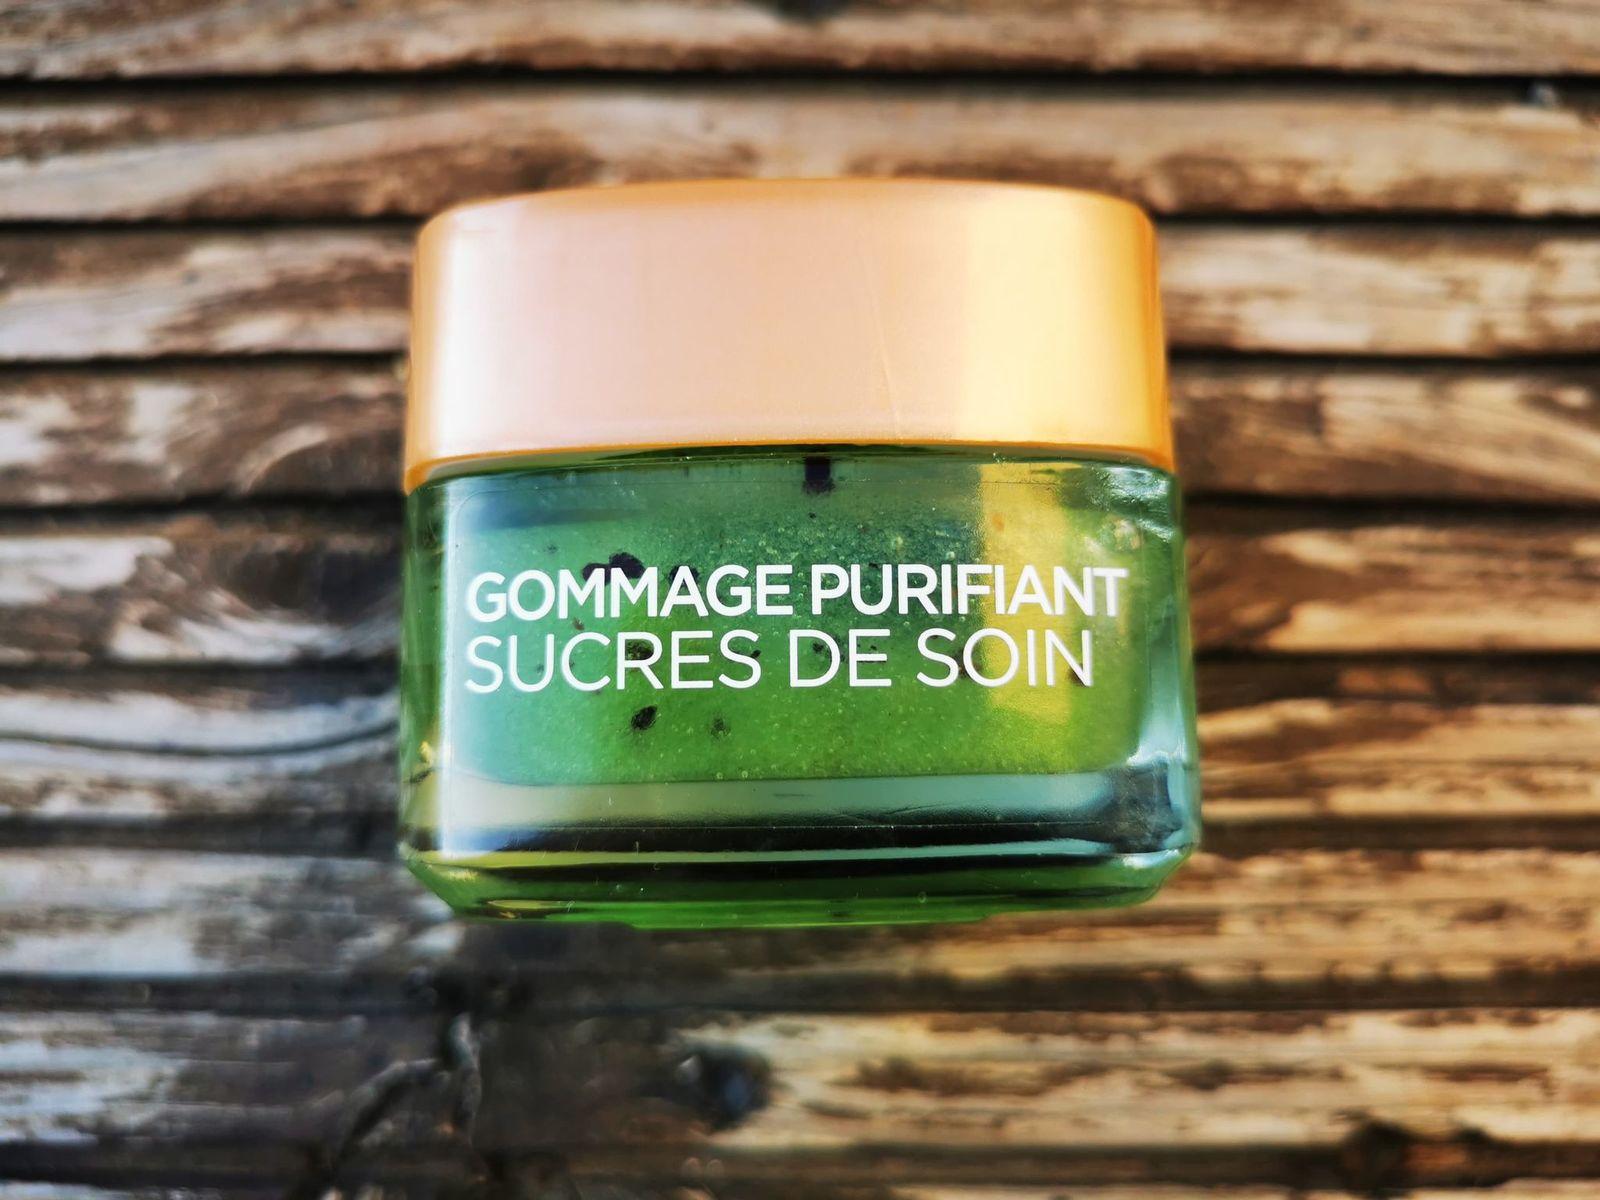 Je teste le gommage purifiant Sucres Soin de L'oréal Paris